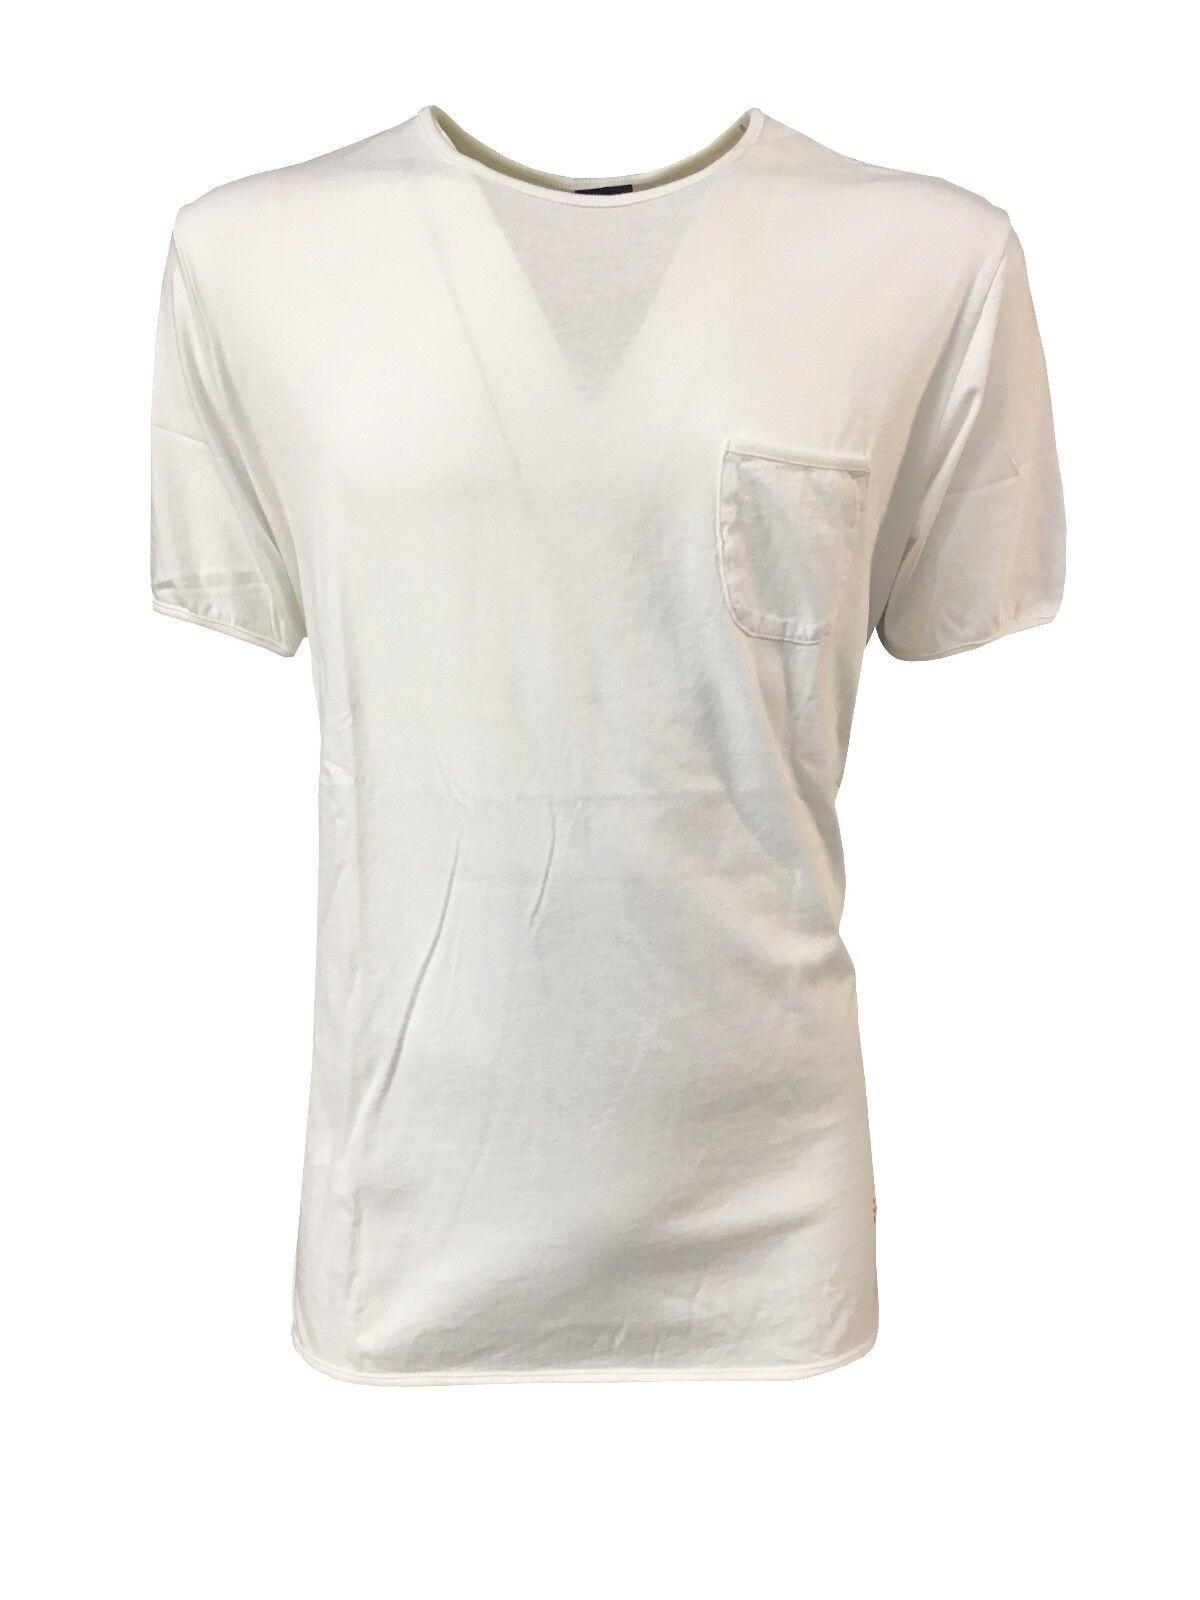 (+)PEOPLE t-shirt maniche corte con tasca 100% cotone MADE IN ITALIA XL-IT 52